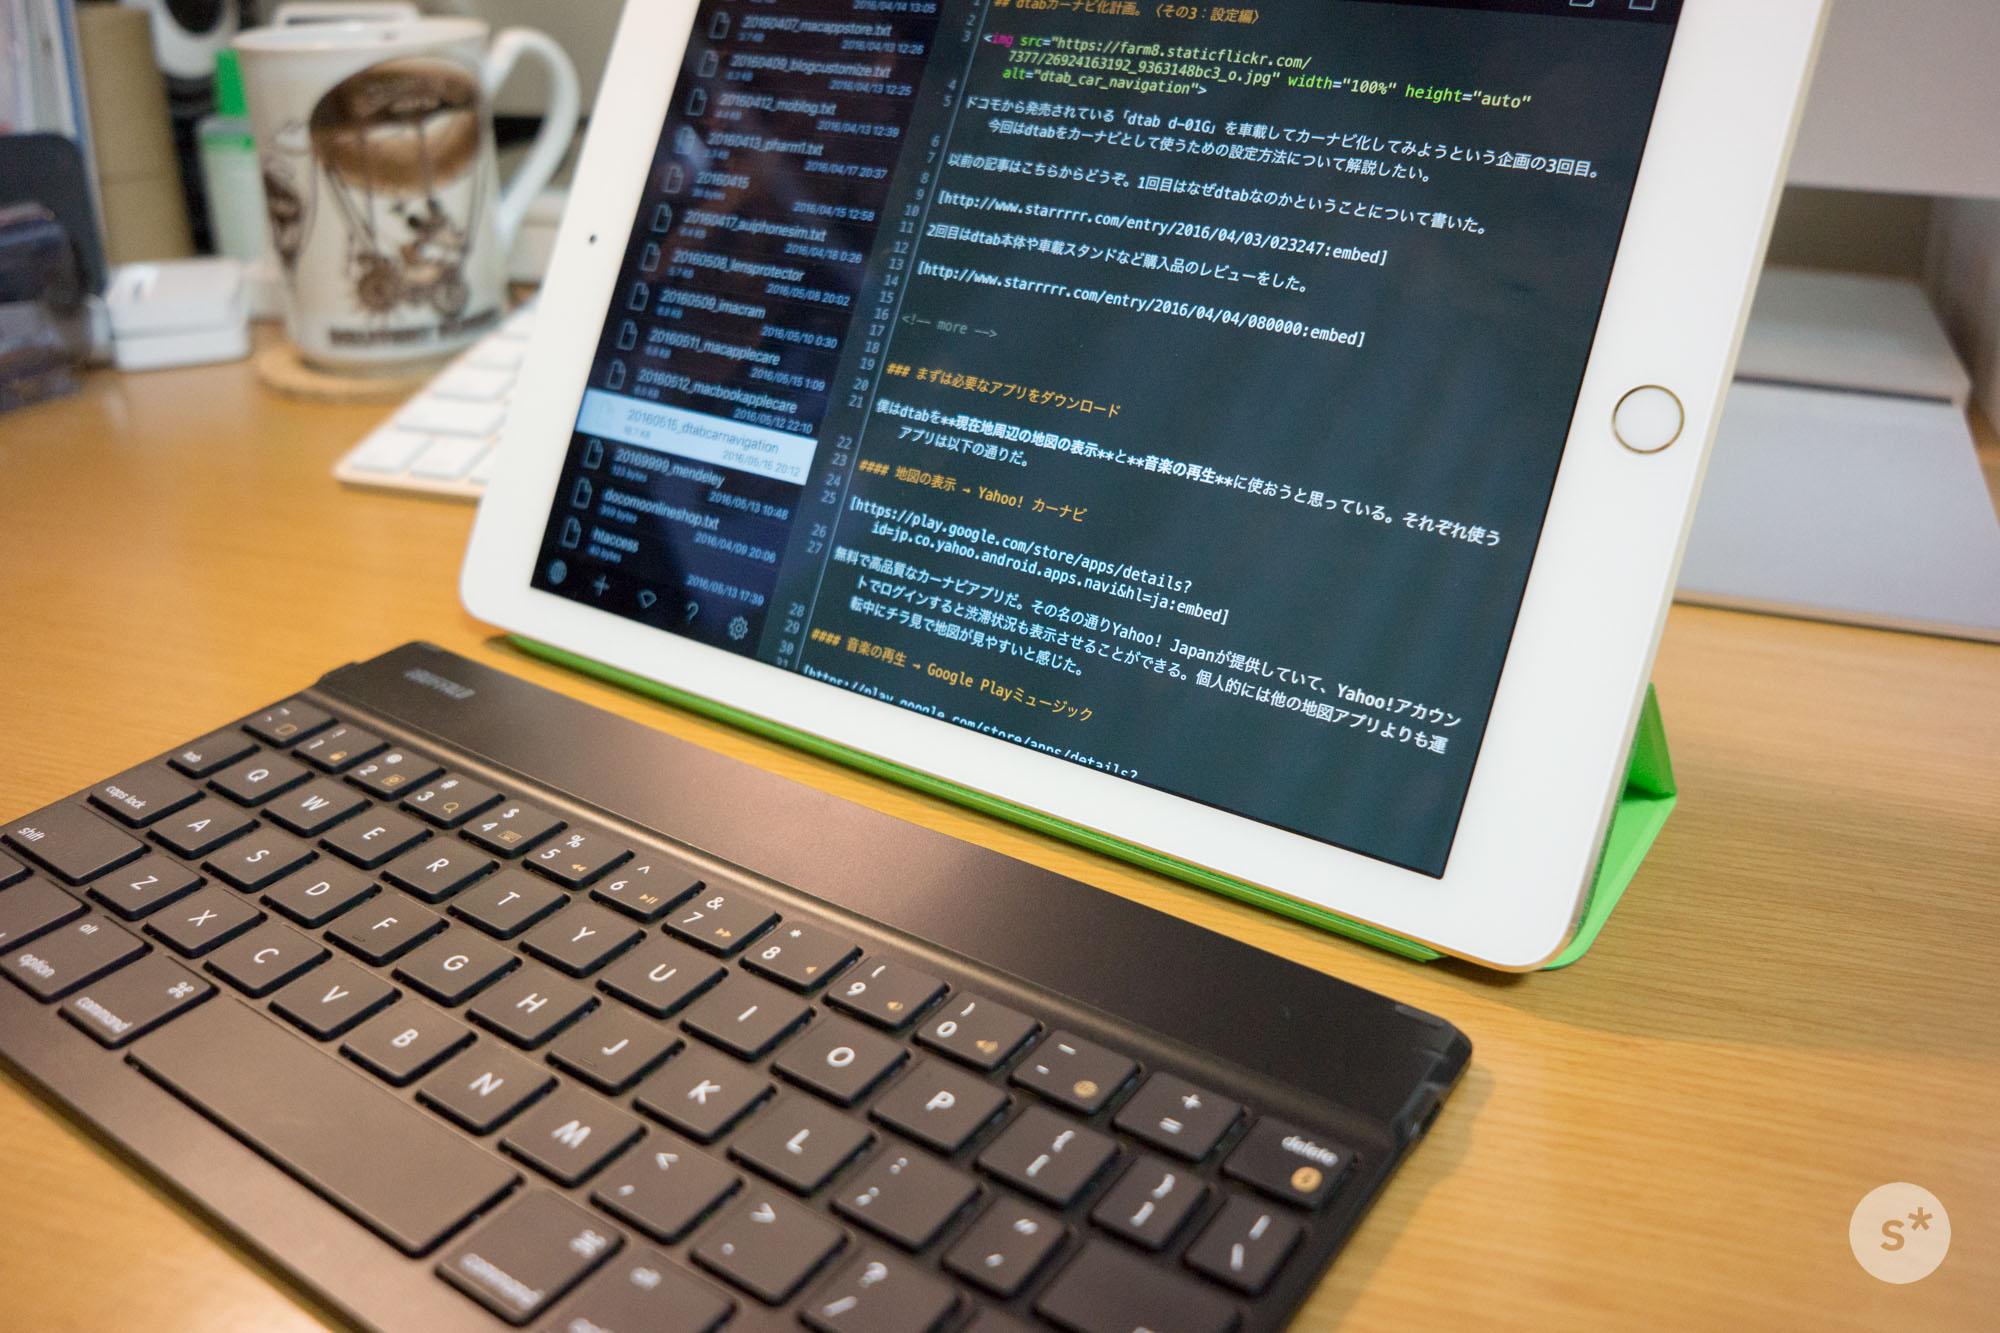 textastic_bluetooth_keyboard